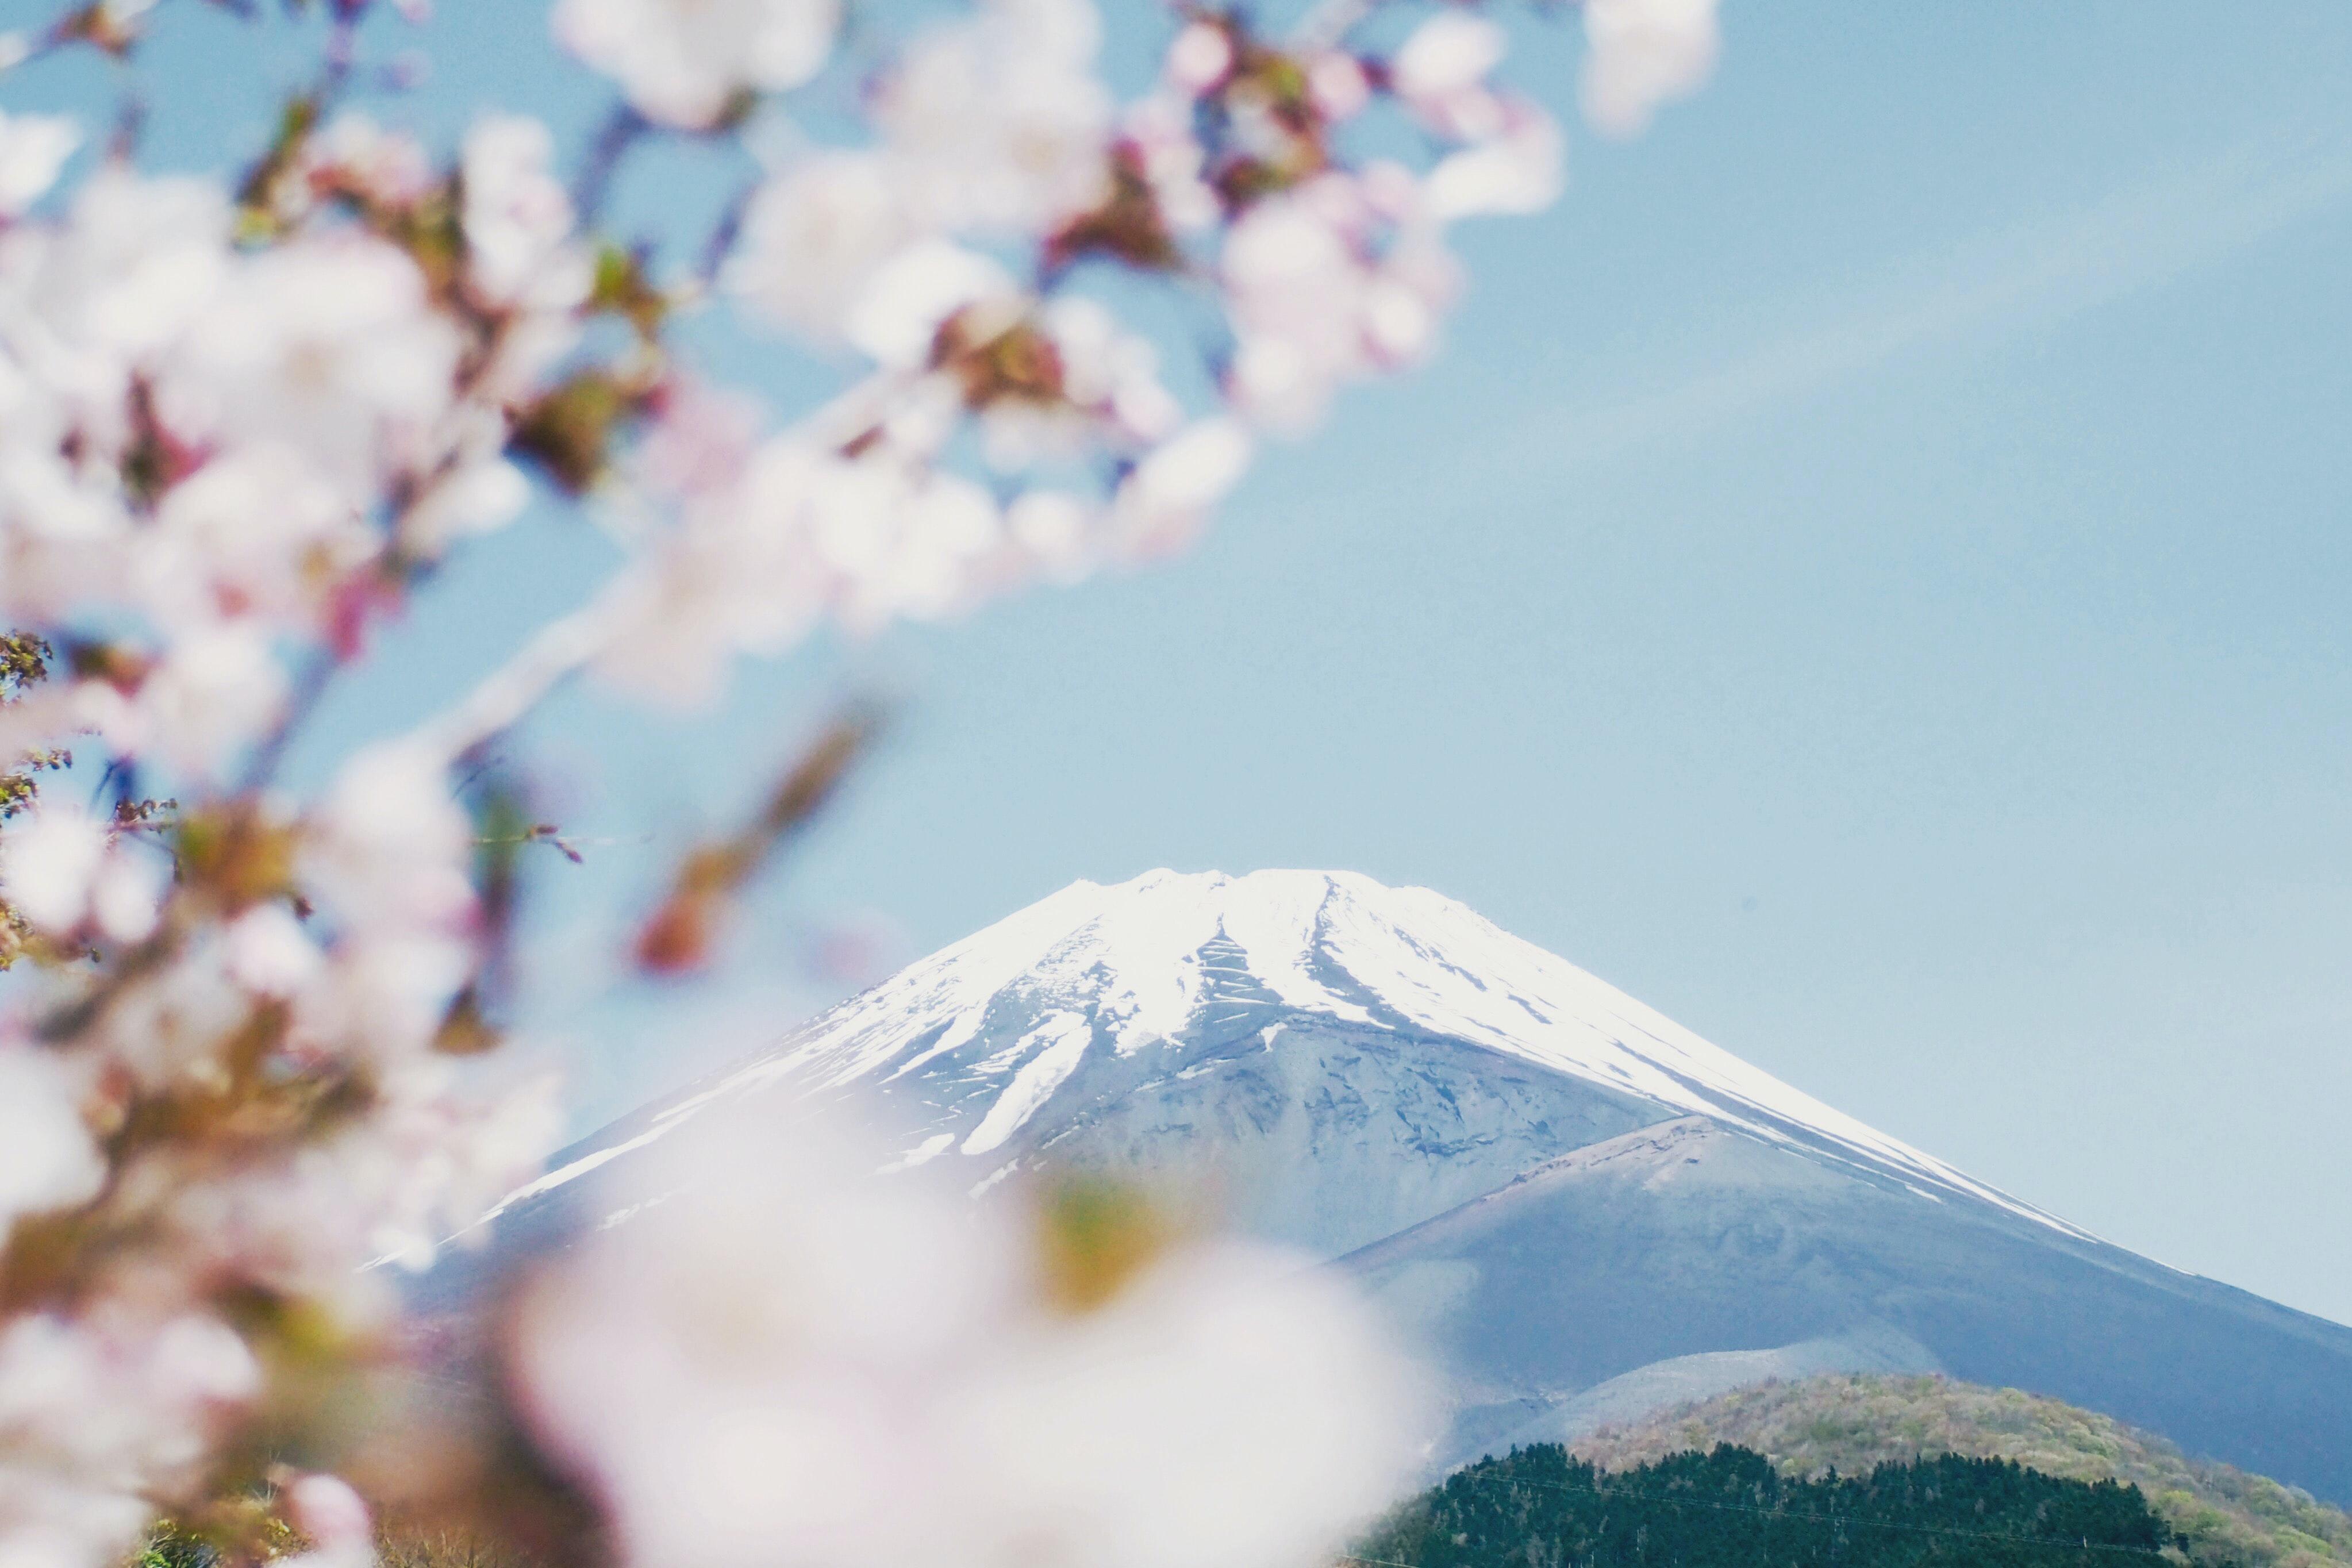 「日本のエルメス製品は品質が低い」のイメージ画像